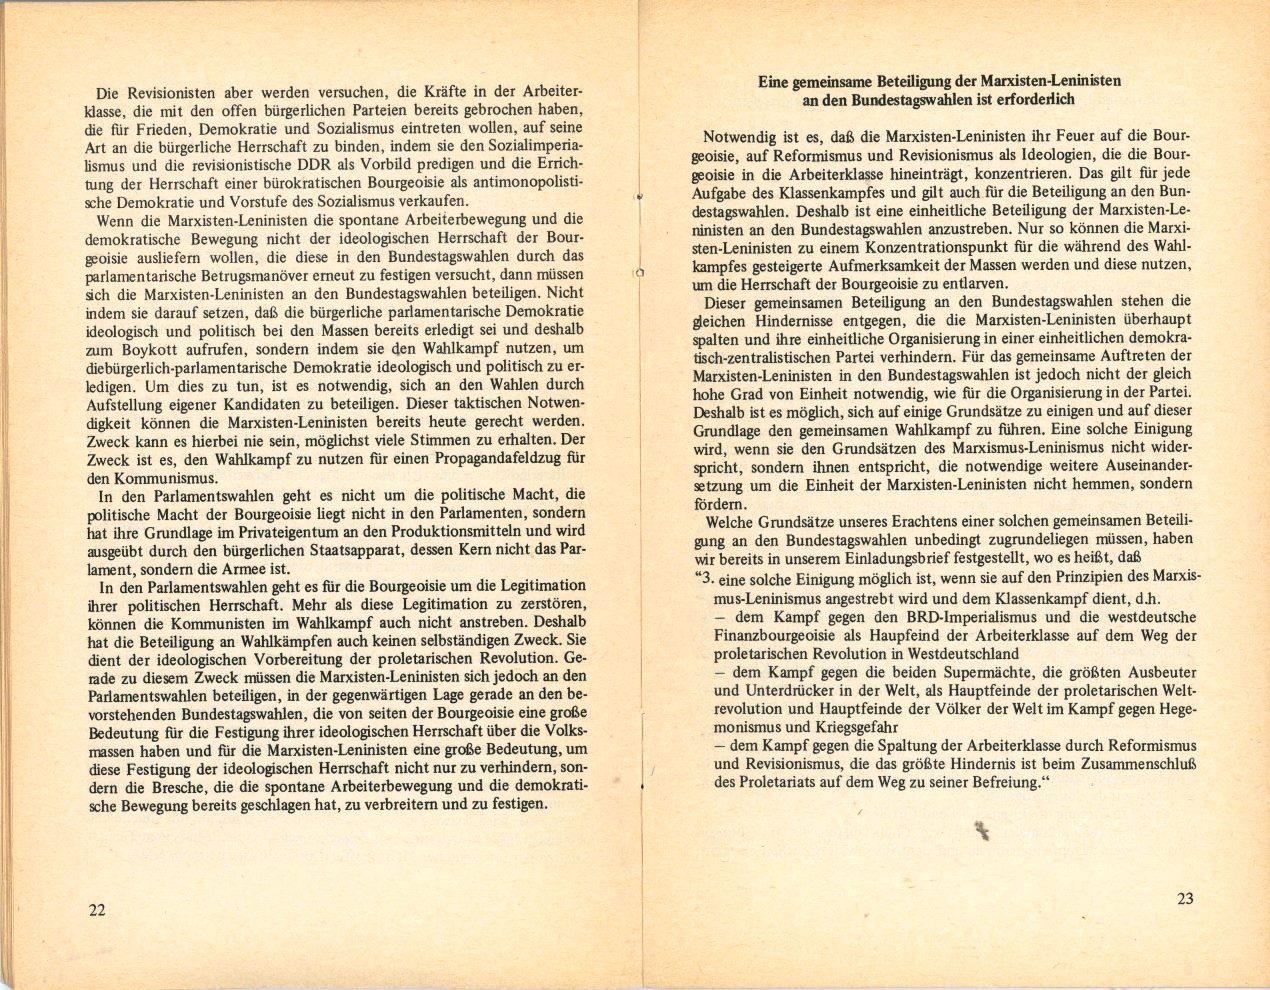 KBW_Materialien_zur_Auseinandersetzung_in_der_mlB_1976_13